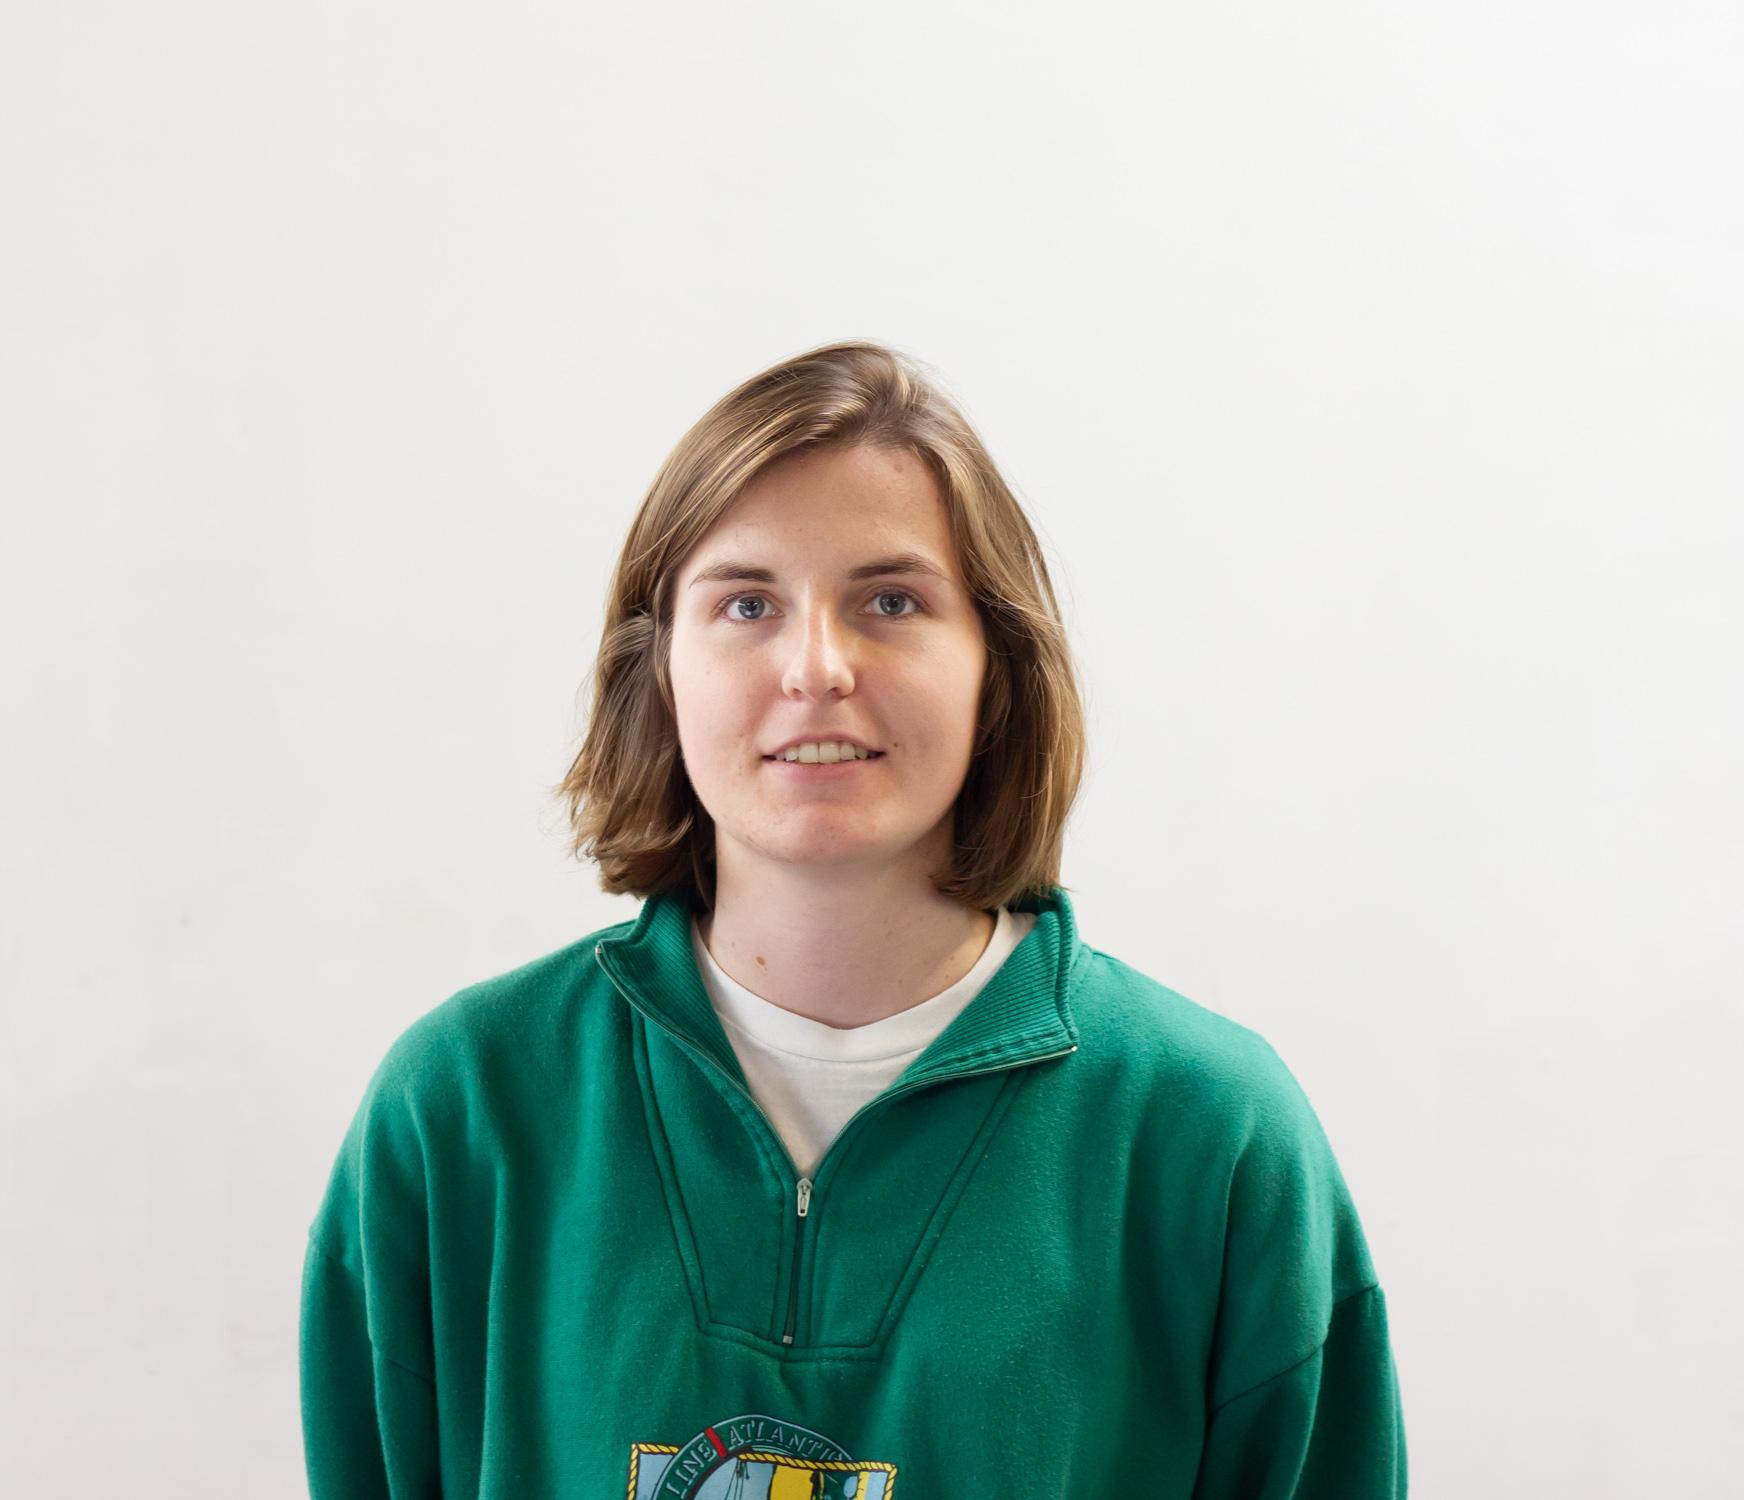 Sofie Van den Abeele